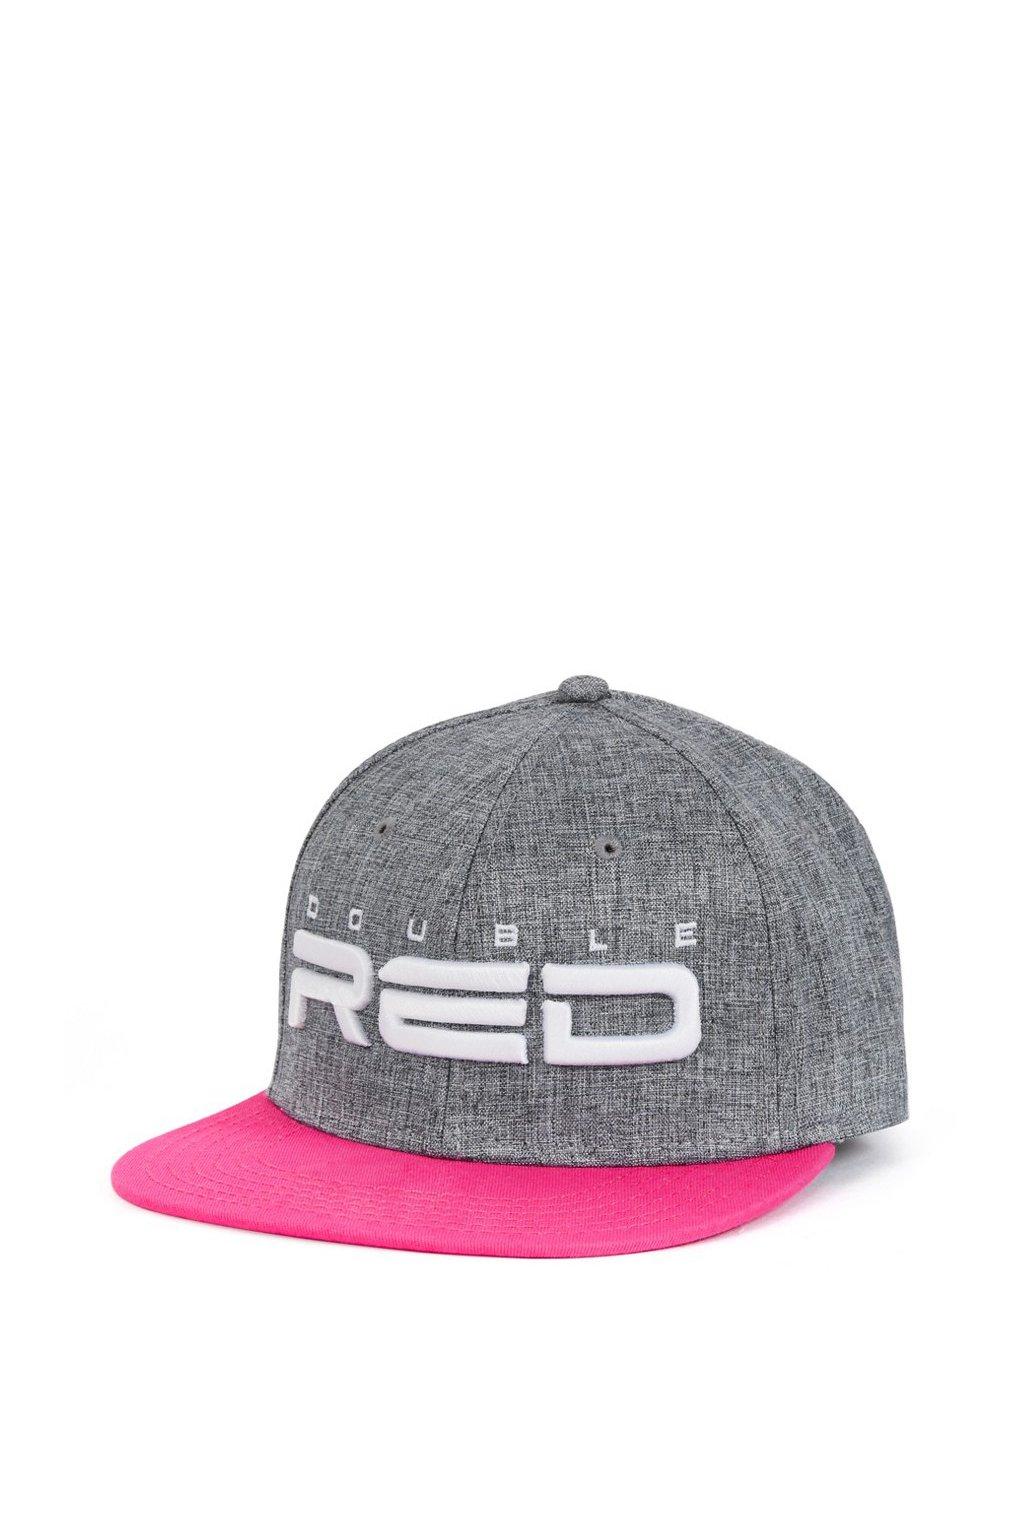 Kšiltovka DOUBLE RED Snapback Melange 3D Embroidery Grey/Pink přední strana